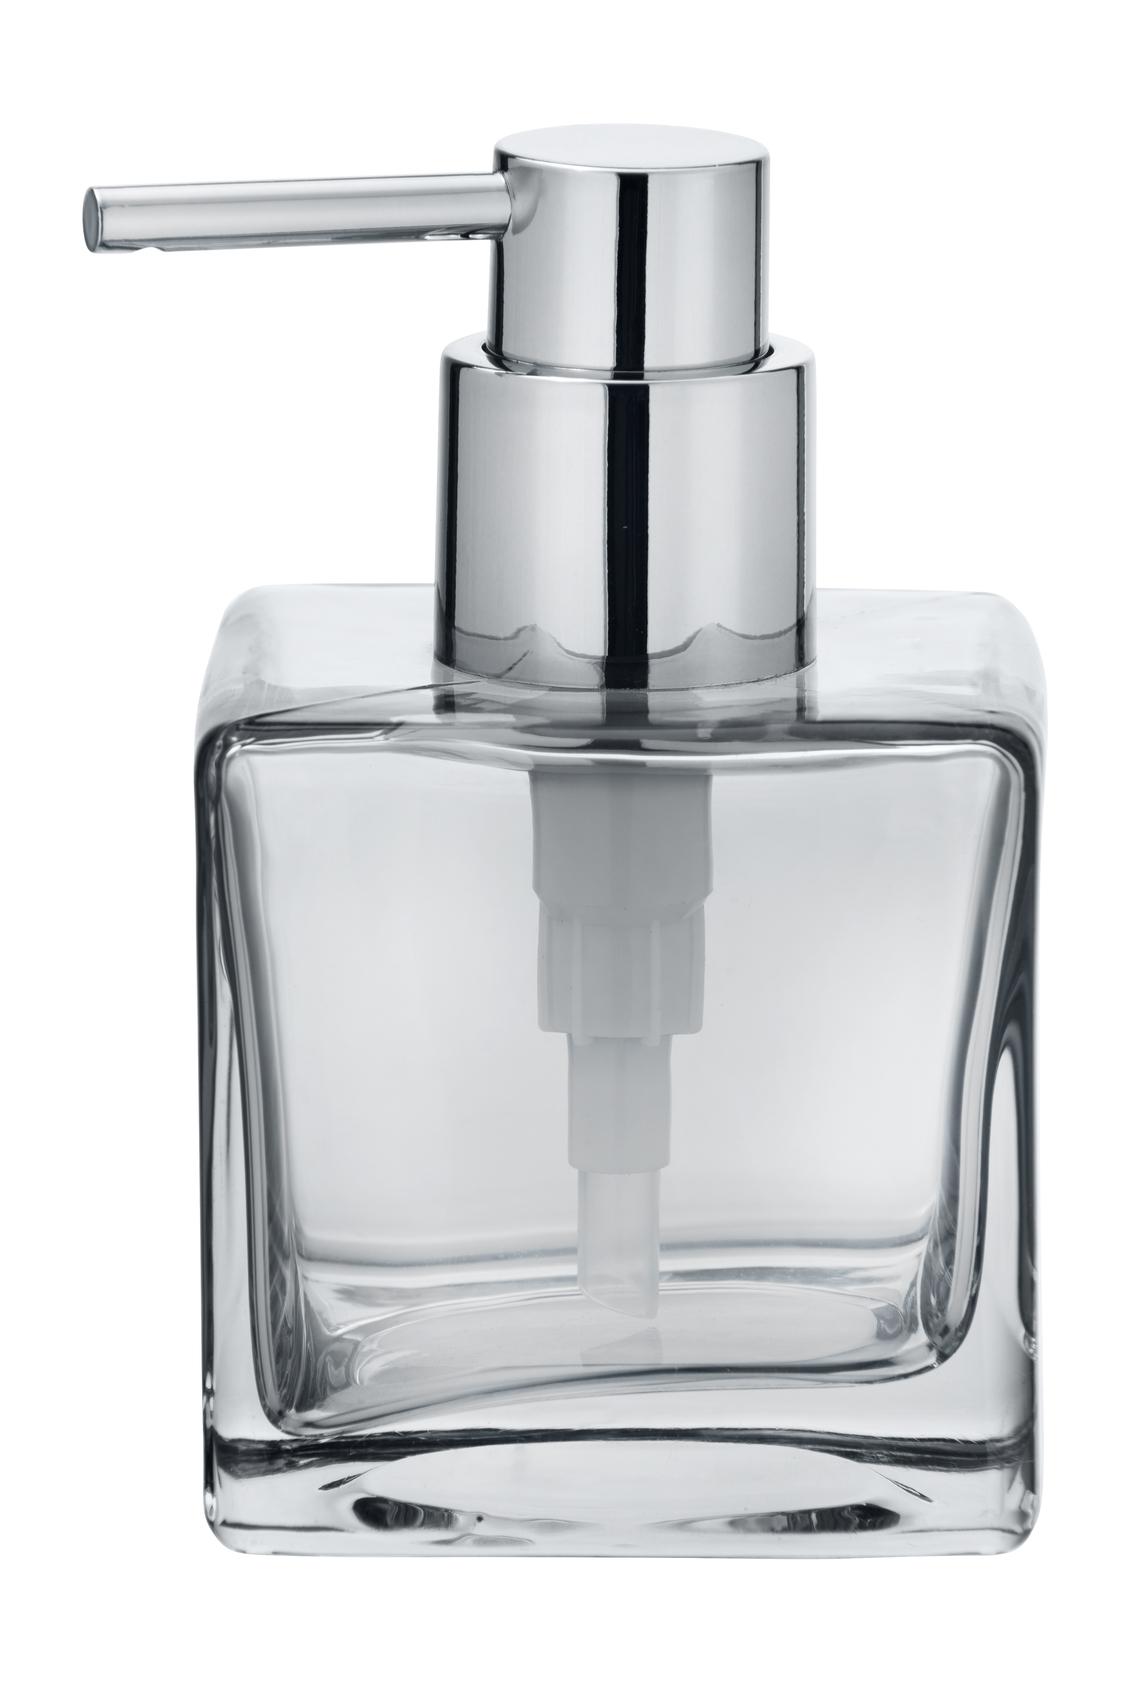 Dozator pentru sapun, din sticla, Lavit Transparent, L8xl8xH8,5 cm imagine